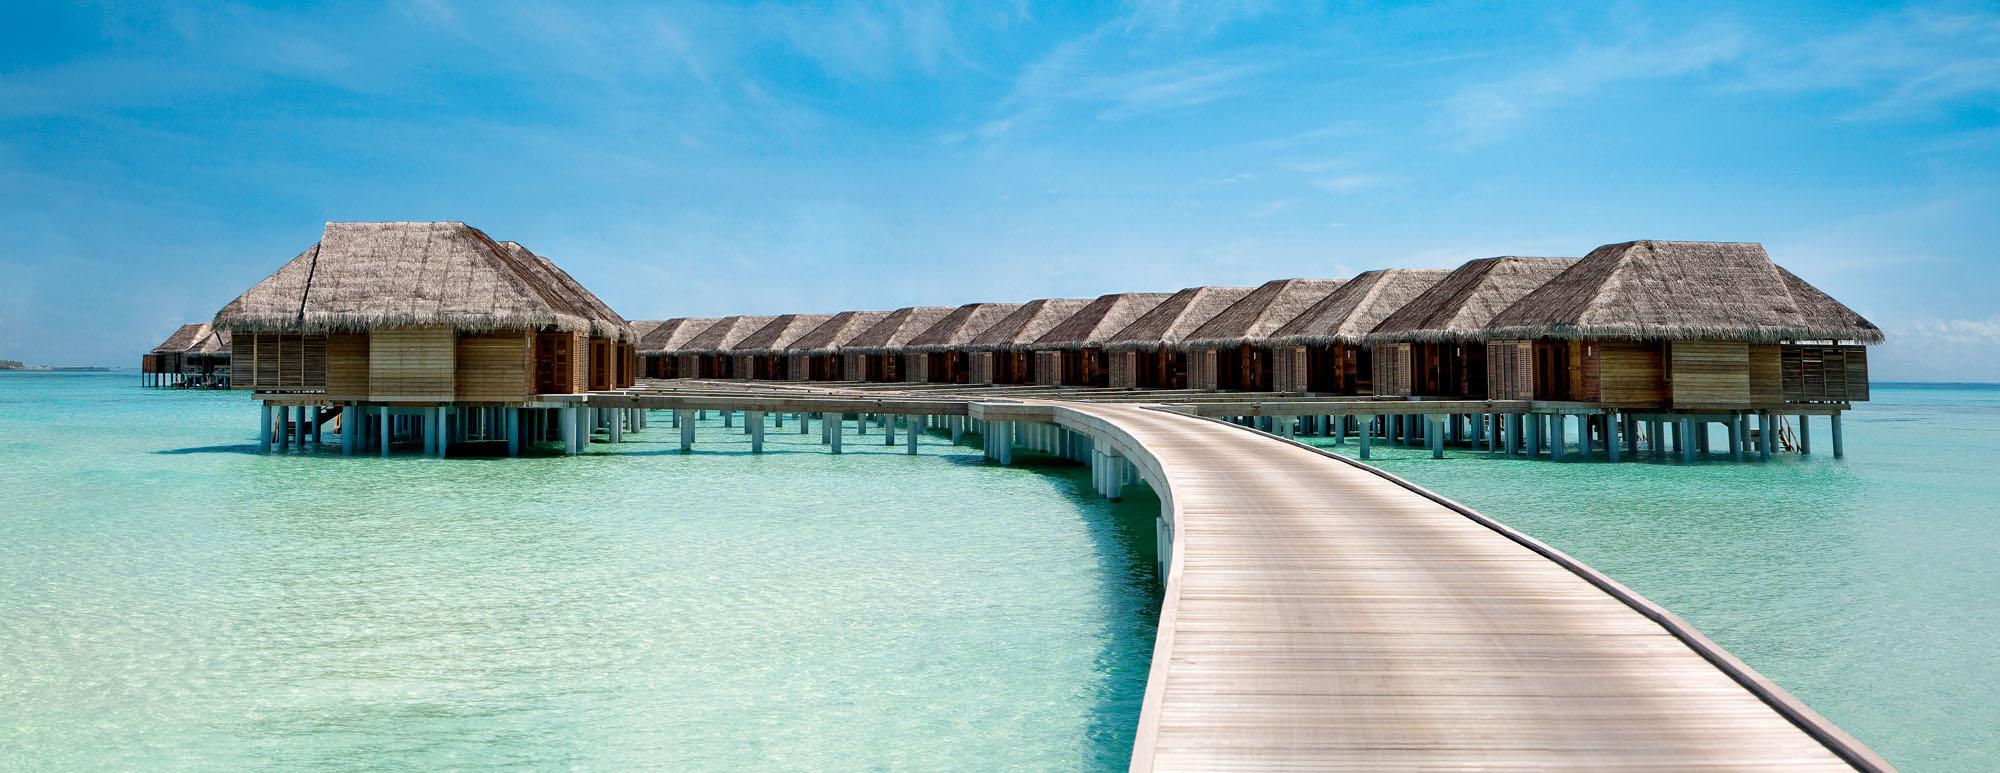 Diva Resort Spa Maldives